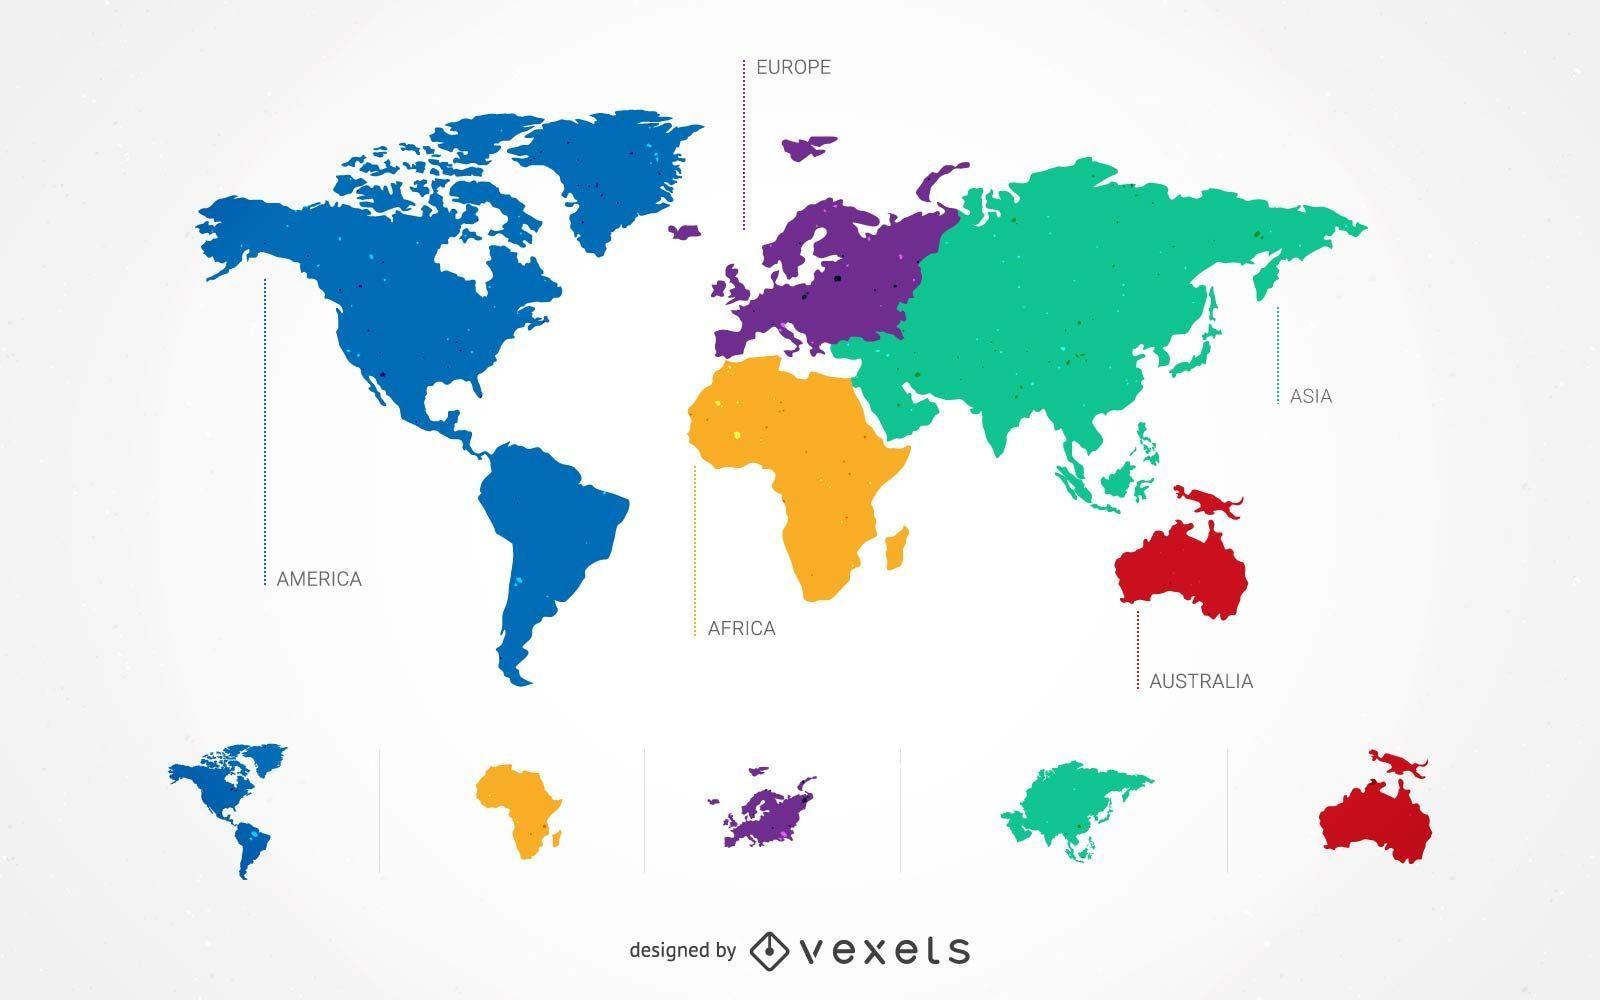 Conjunto de mapas do mundo de 5 continentes